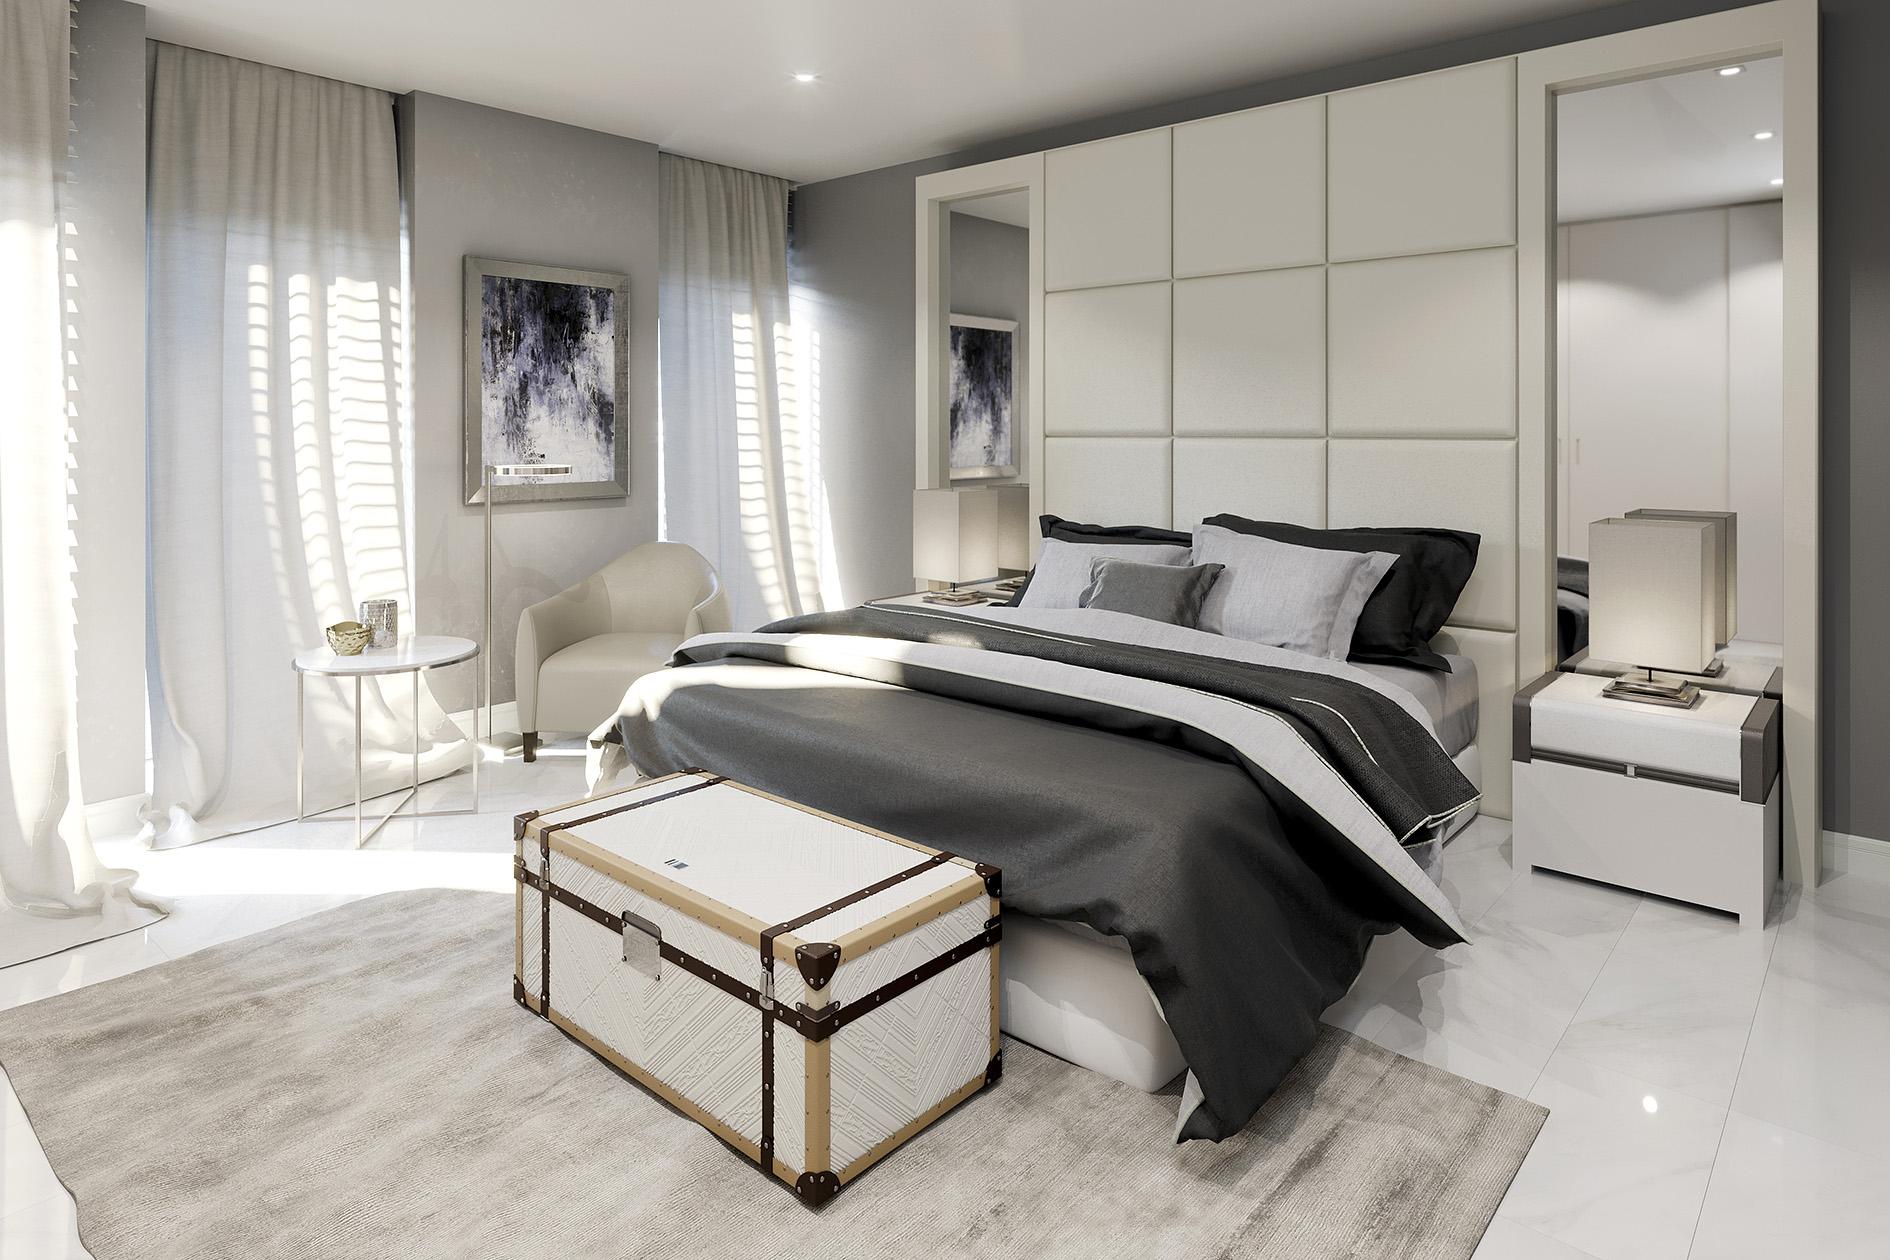 Inedit - Toni Lanza - dormitorio